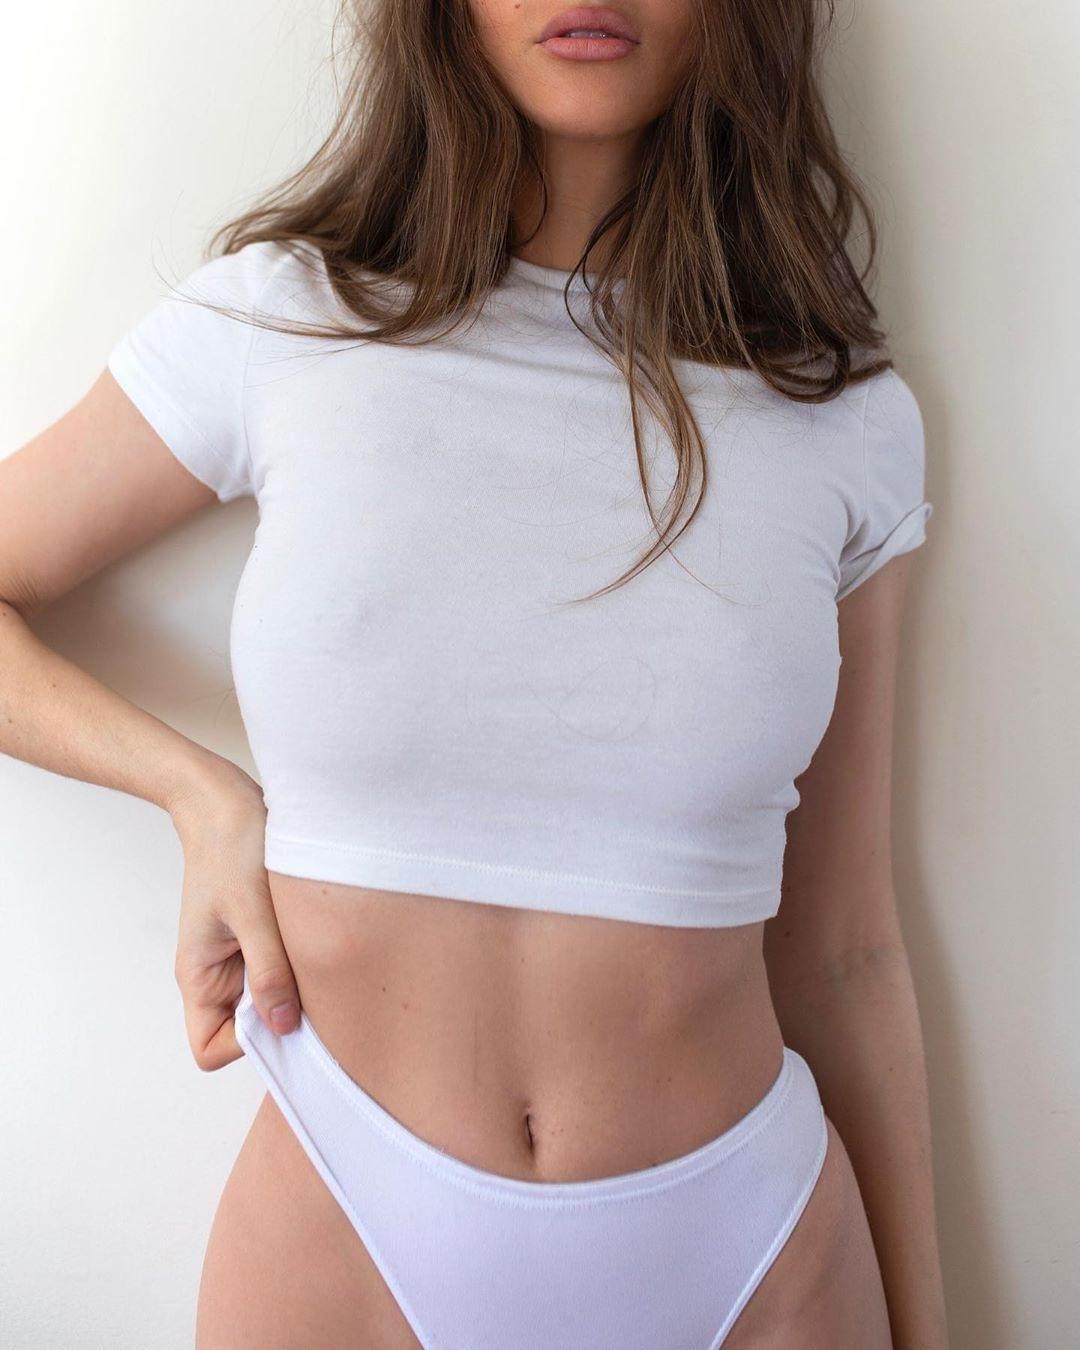 Model Marissa